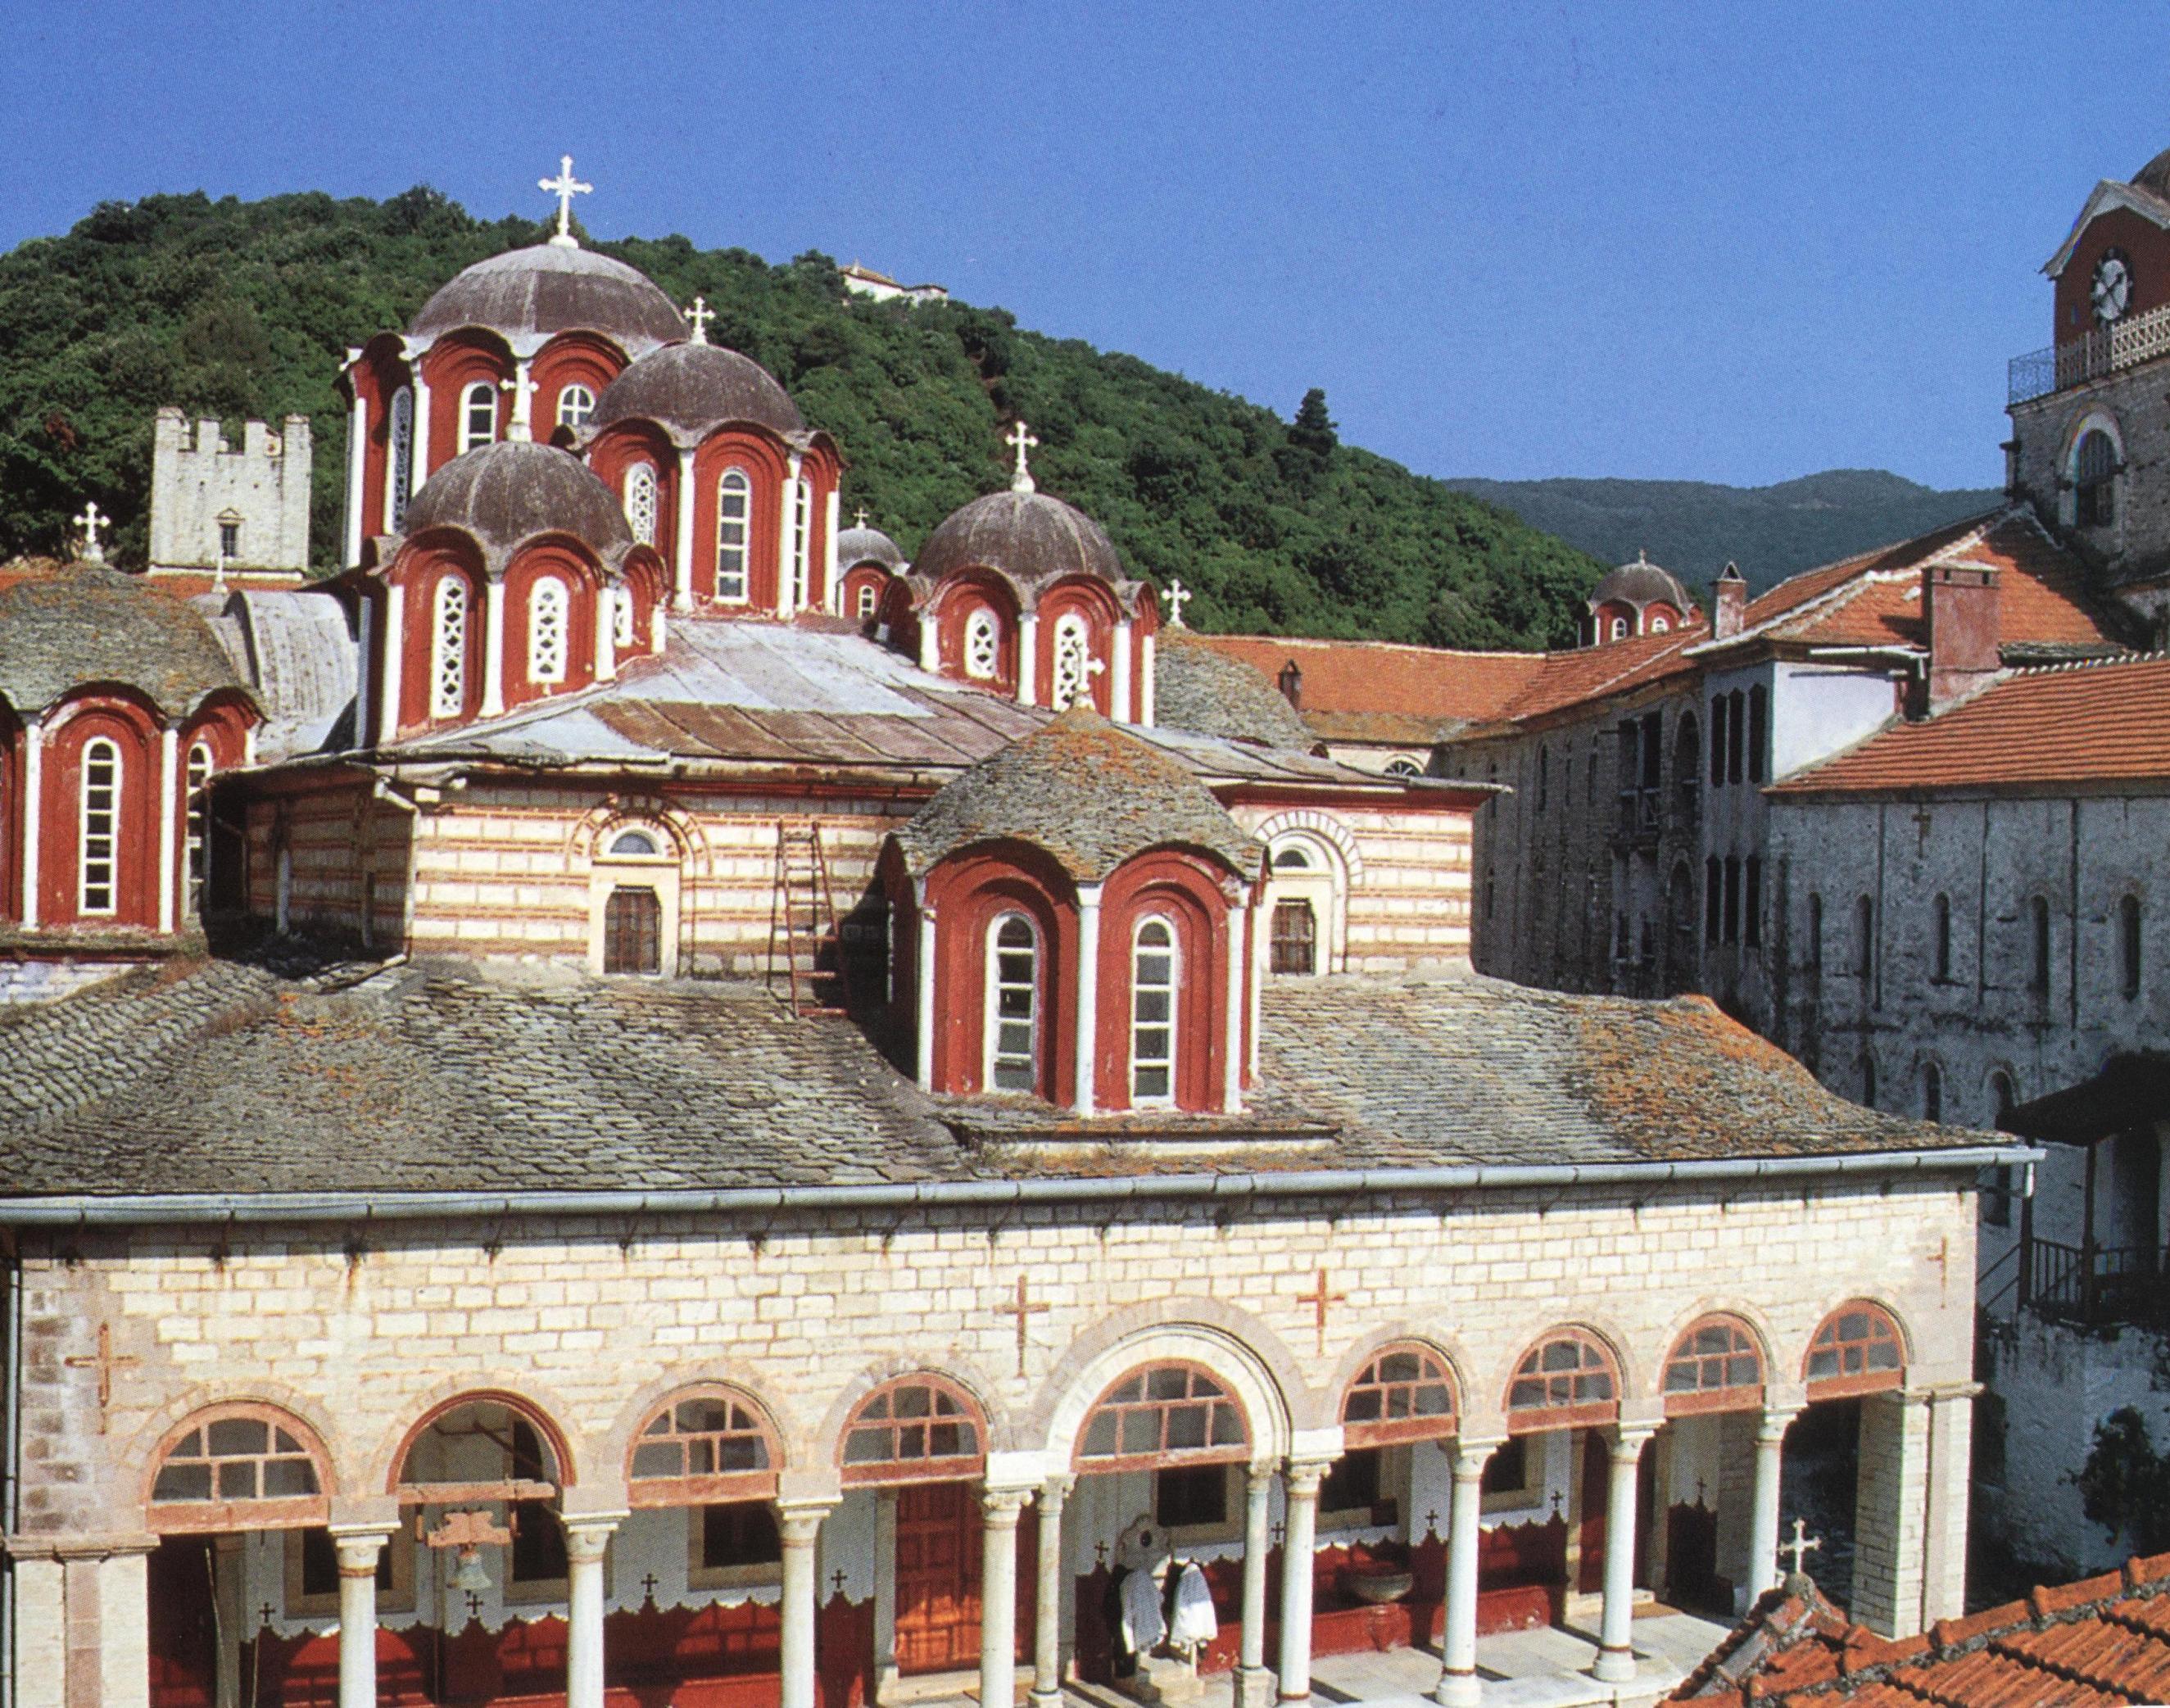 Το καθολικό και το κωδωνοστάσιο από τα βορειοδυτικά. The katholikon and bell-tower from the northwest.